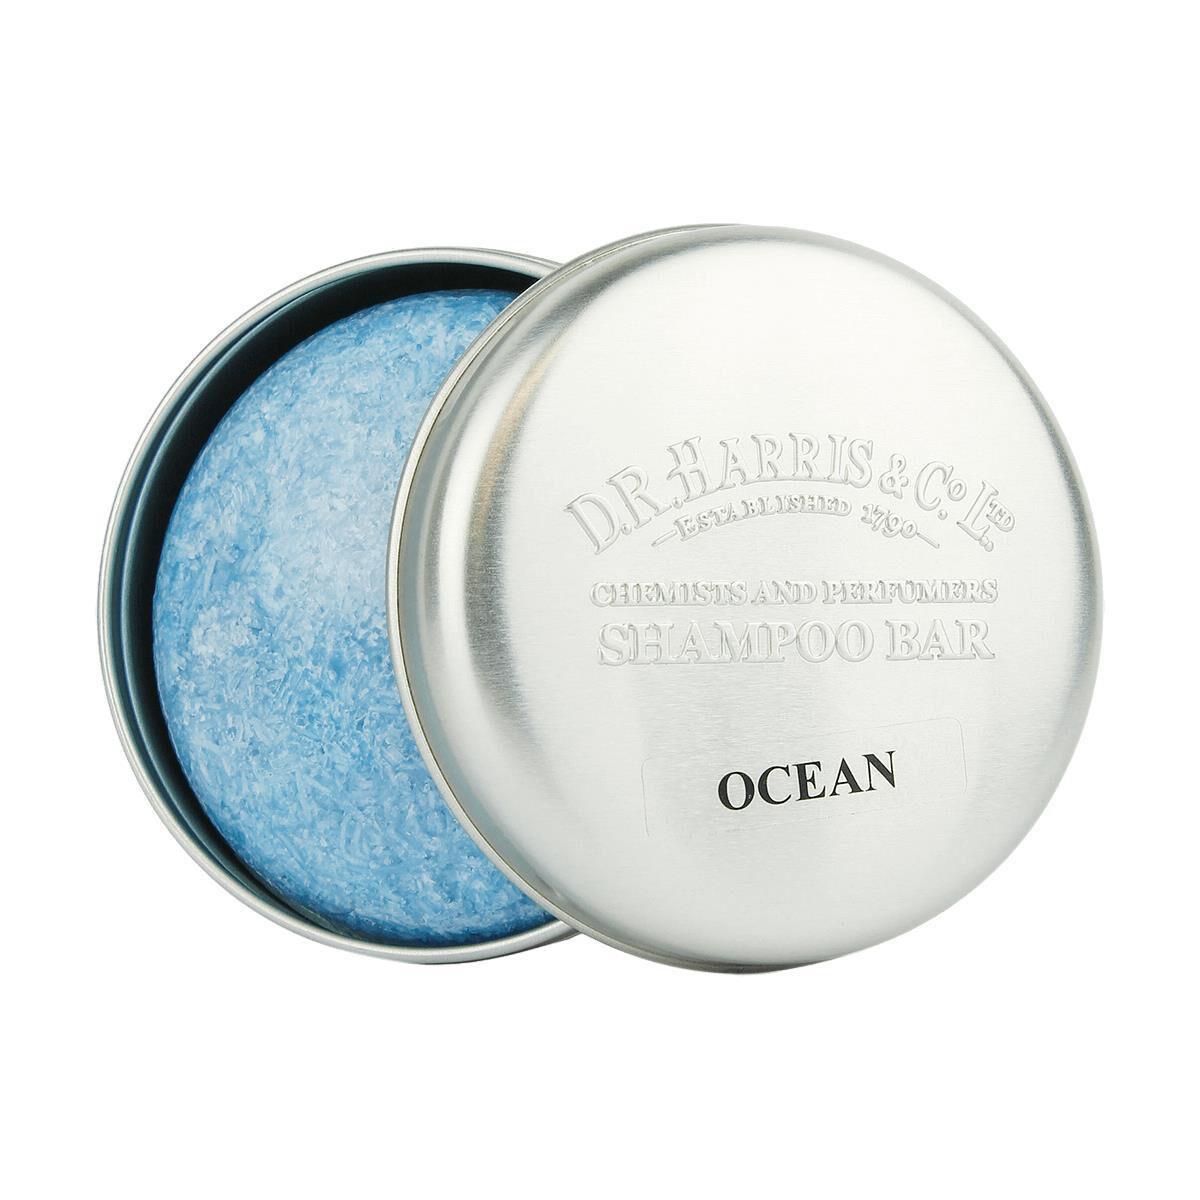 DR Harris Shampoo Bar in Tin 50g Ocean-0